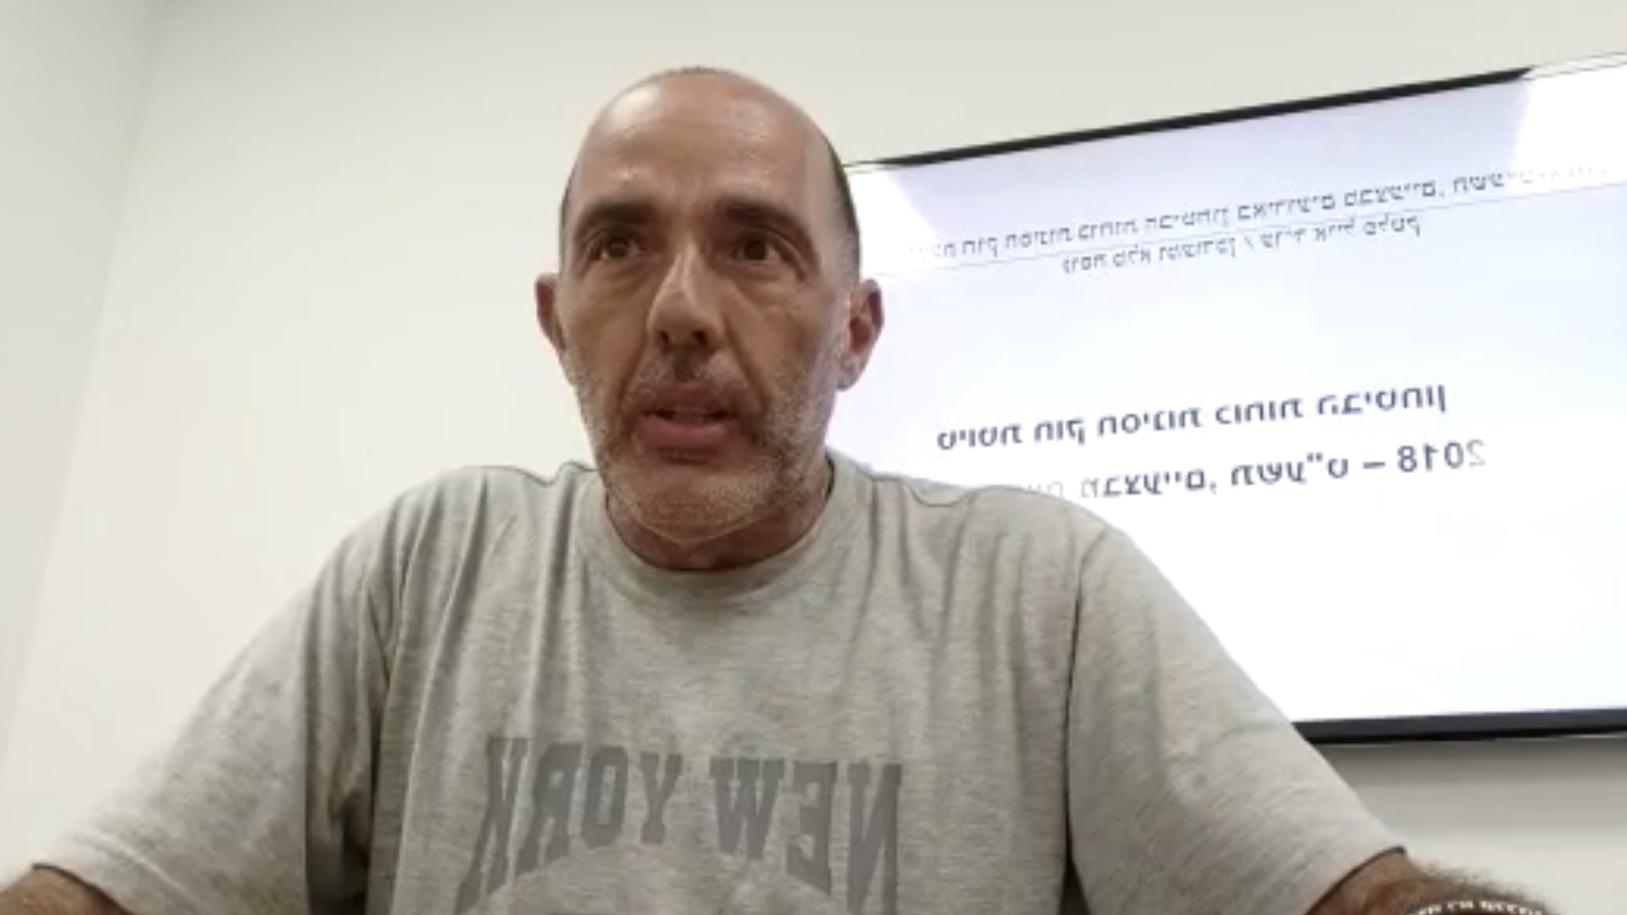 תביעת עו״ד פלטק נגד ״המוסד לבטיחות וגיהות״ פתחה תיבת פנדורה והביאה להתפטרויות ופיטורים